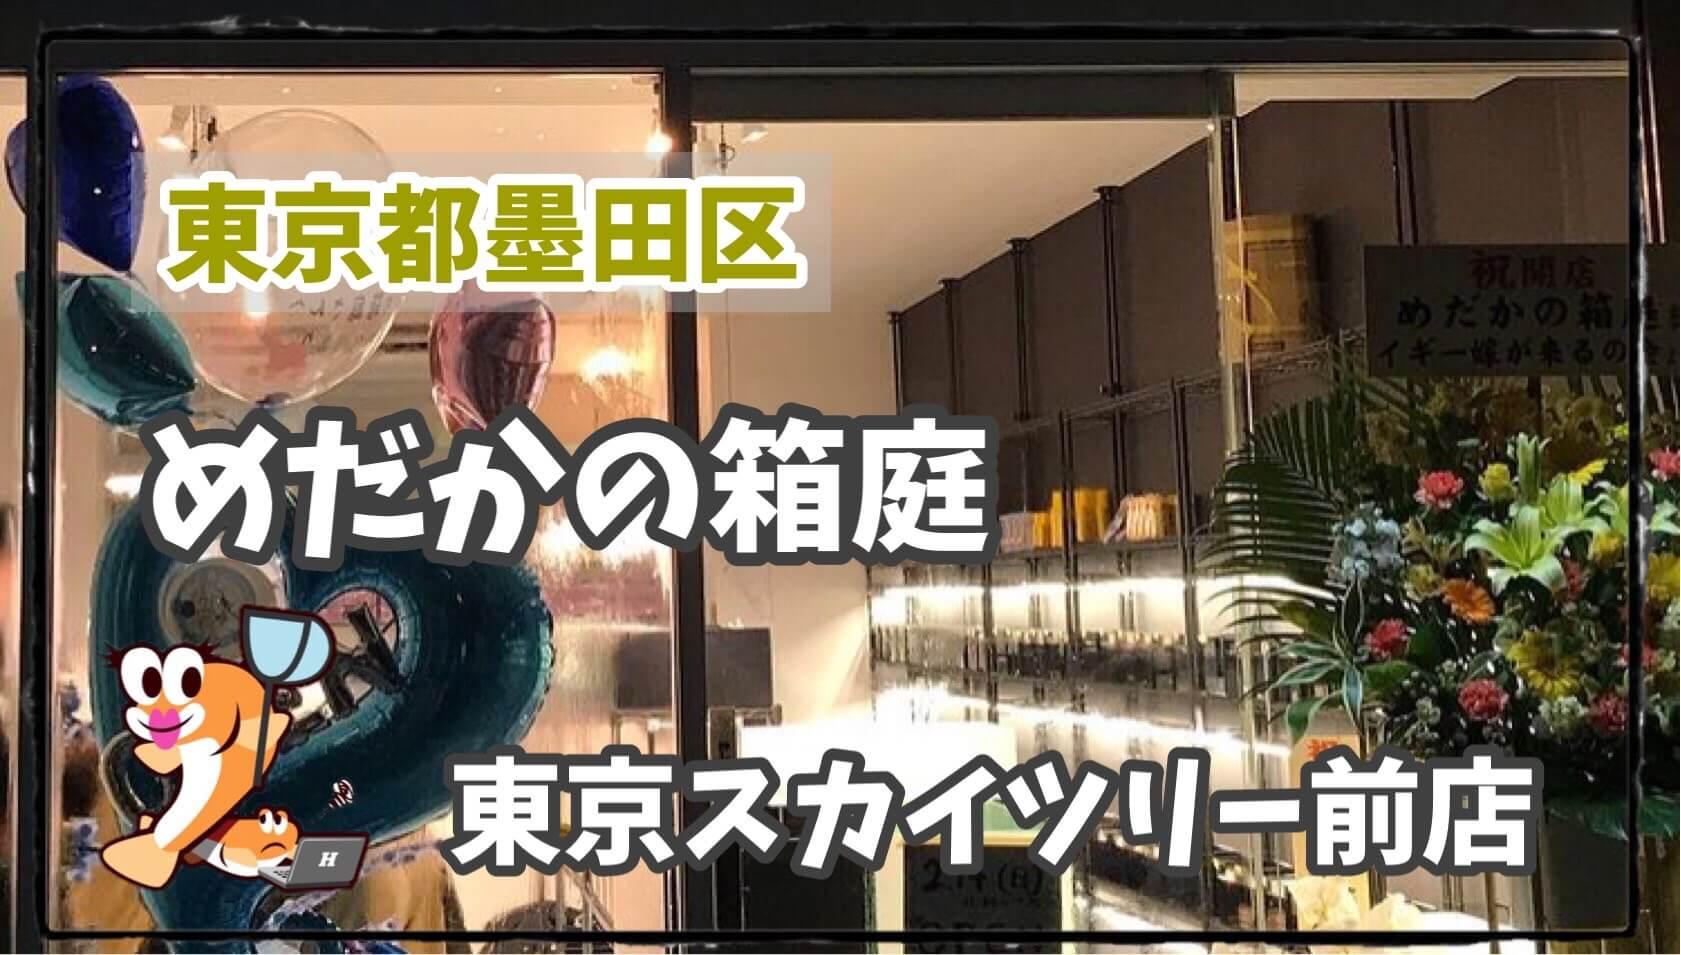 めだかの箱庭東京のアイキャッチ